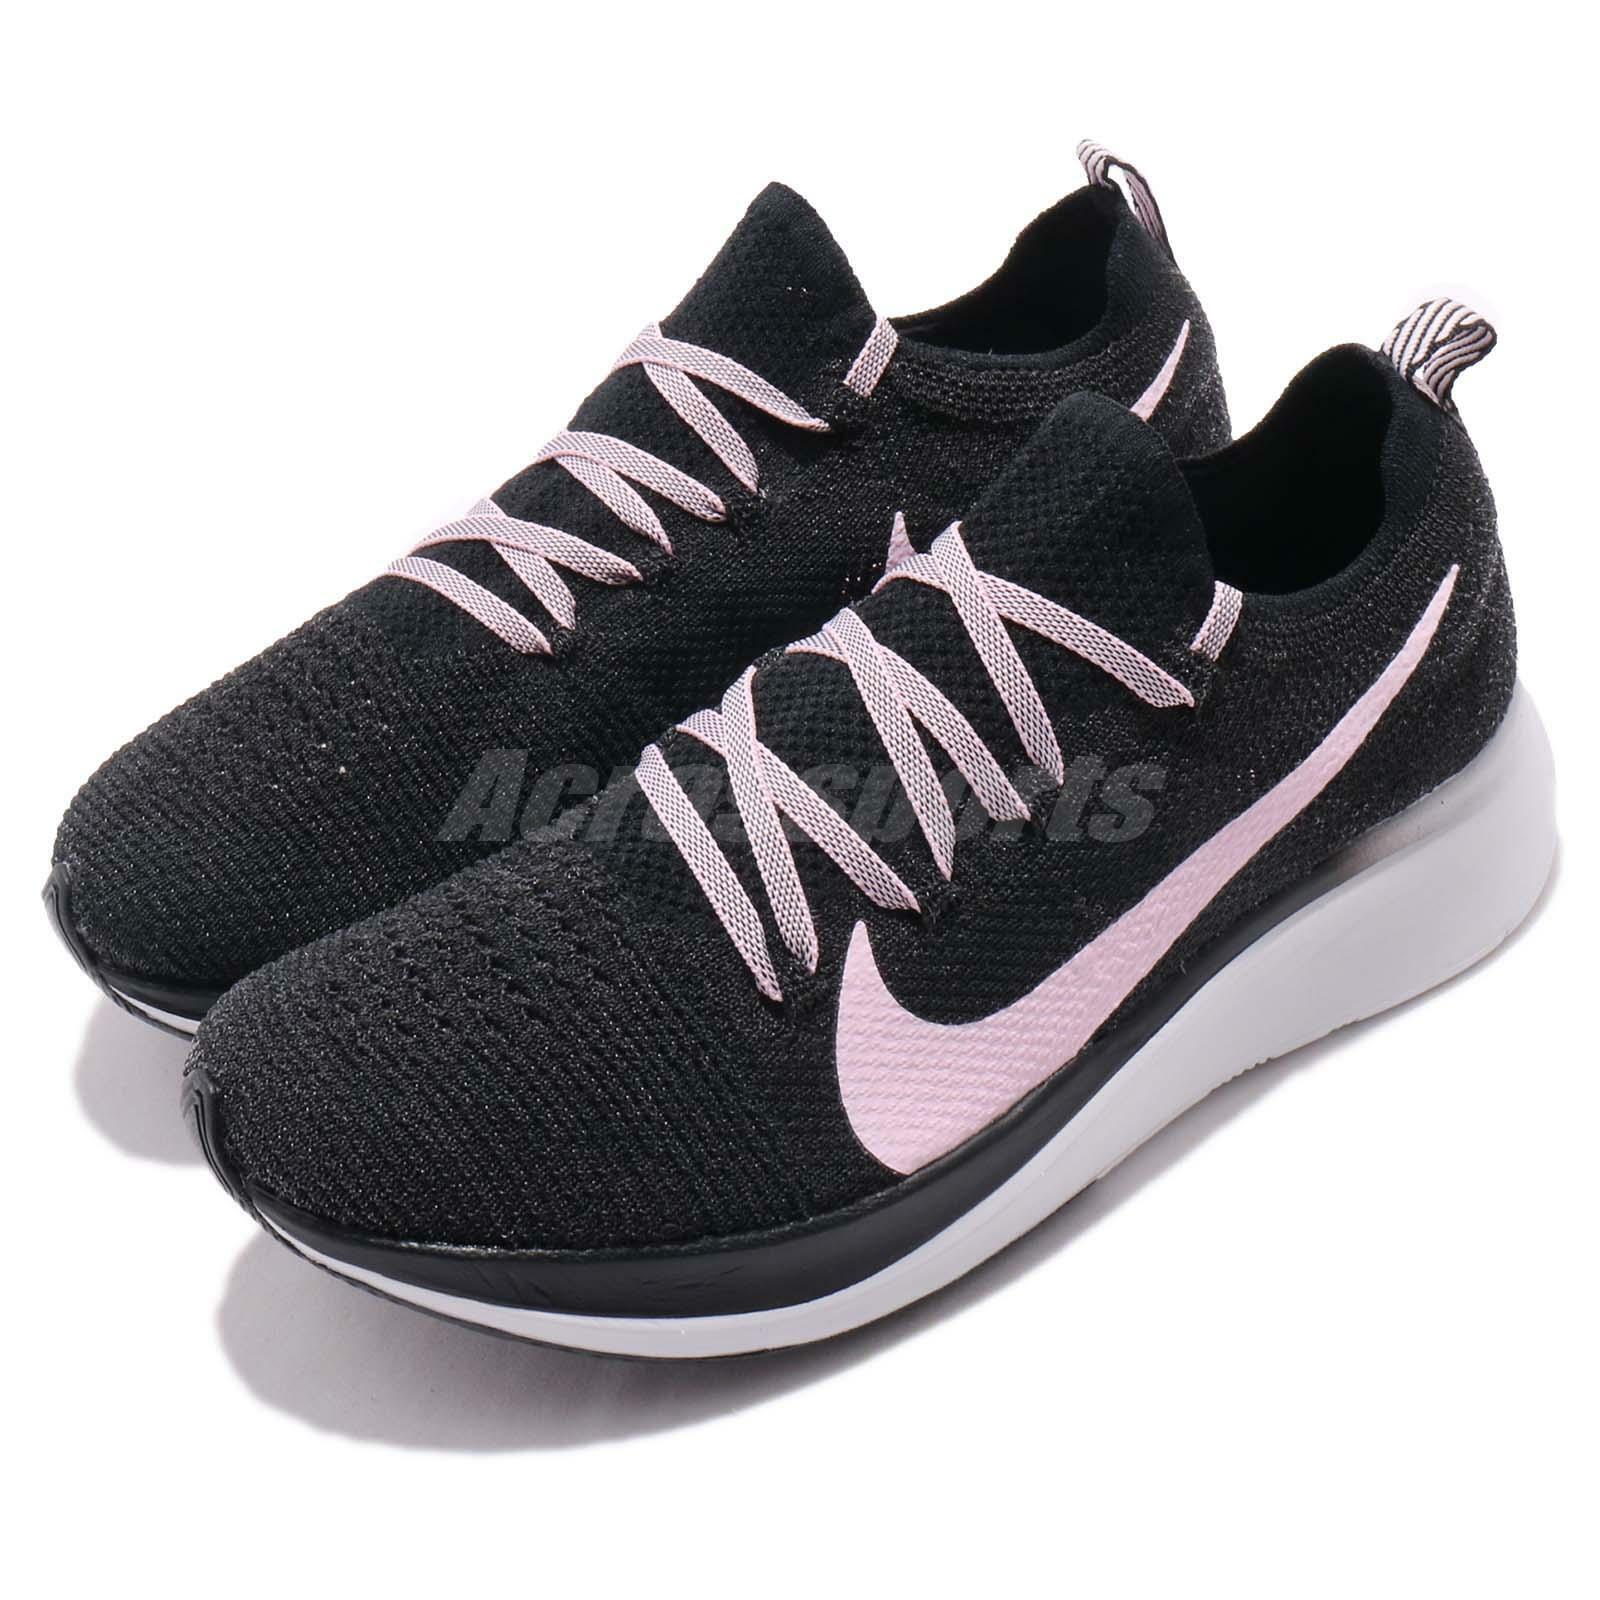 Wmns Nike Zoom Fly SP Flyknit Flyknit Flyknit Femme Chaussures De Course Breaking 2 Runner Pick 1 3645cf